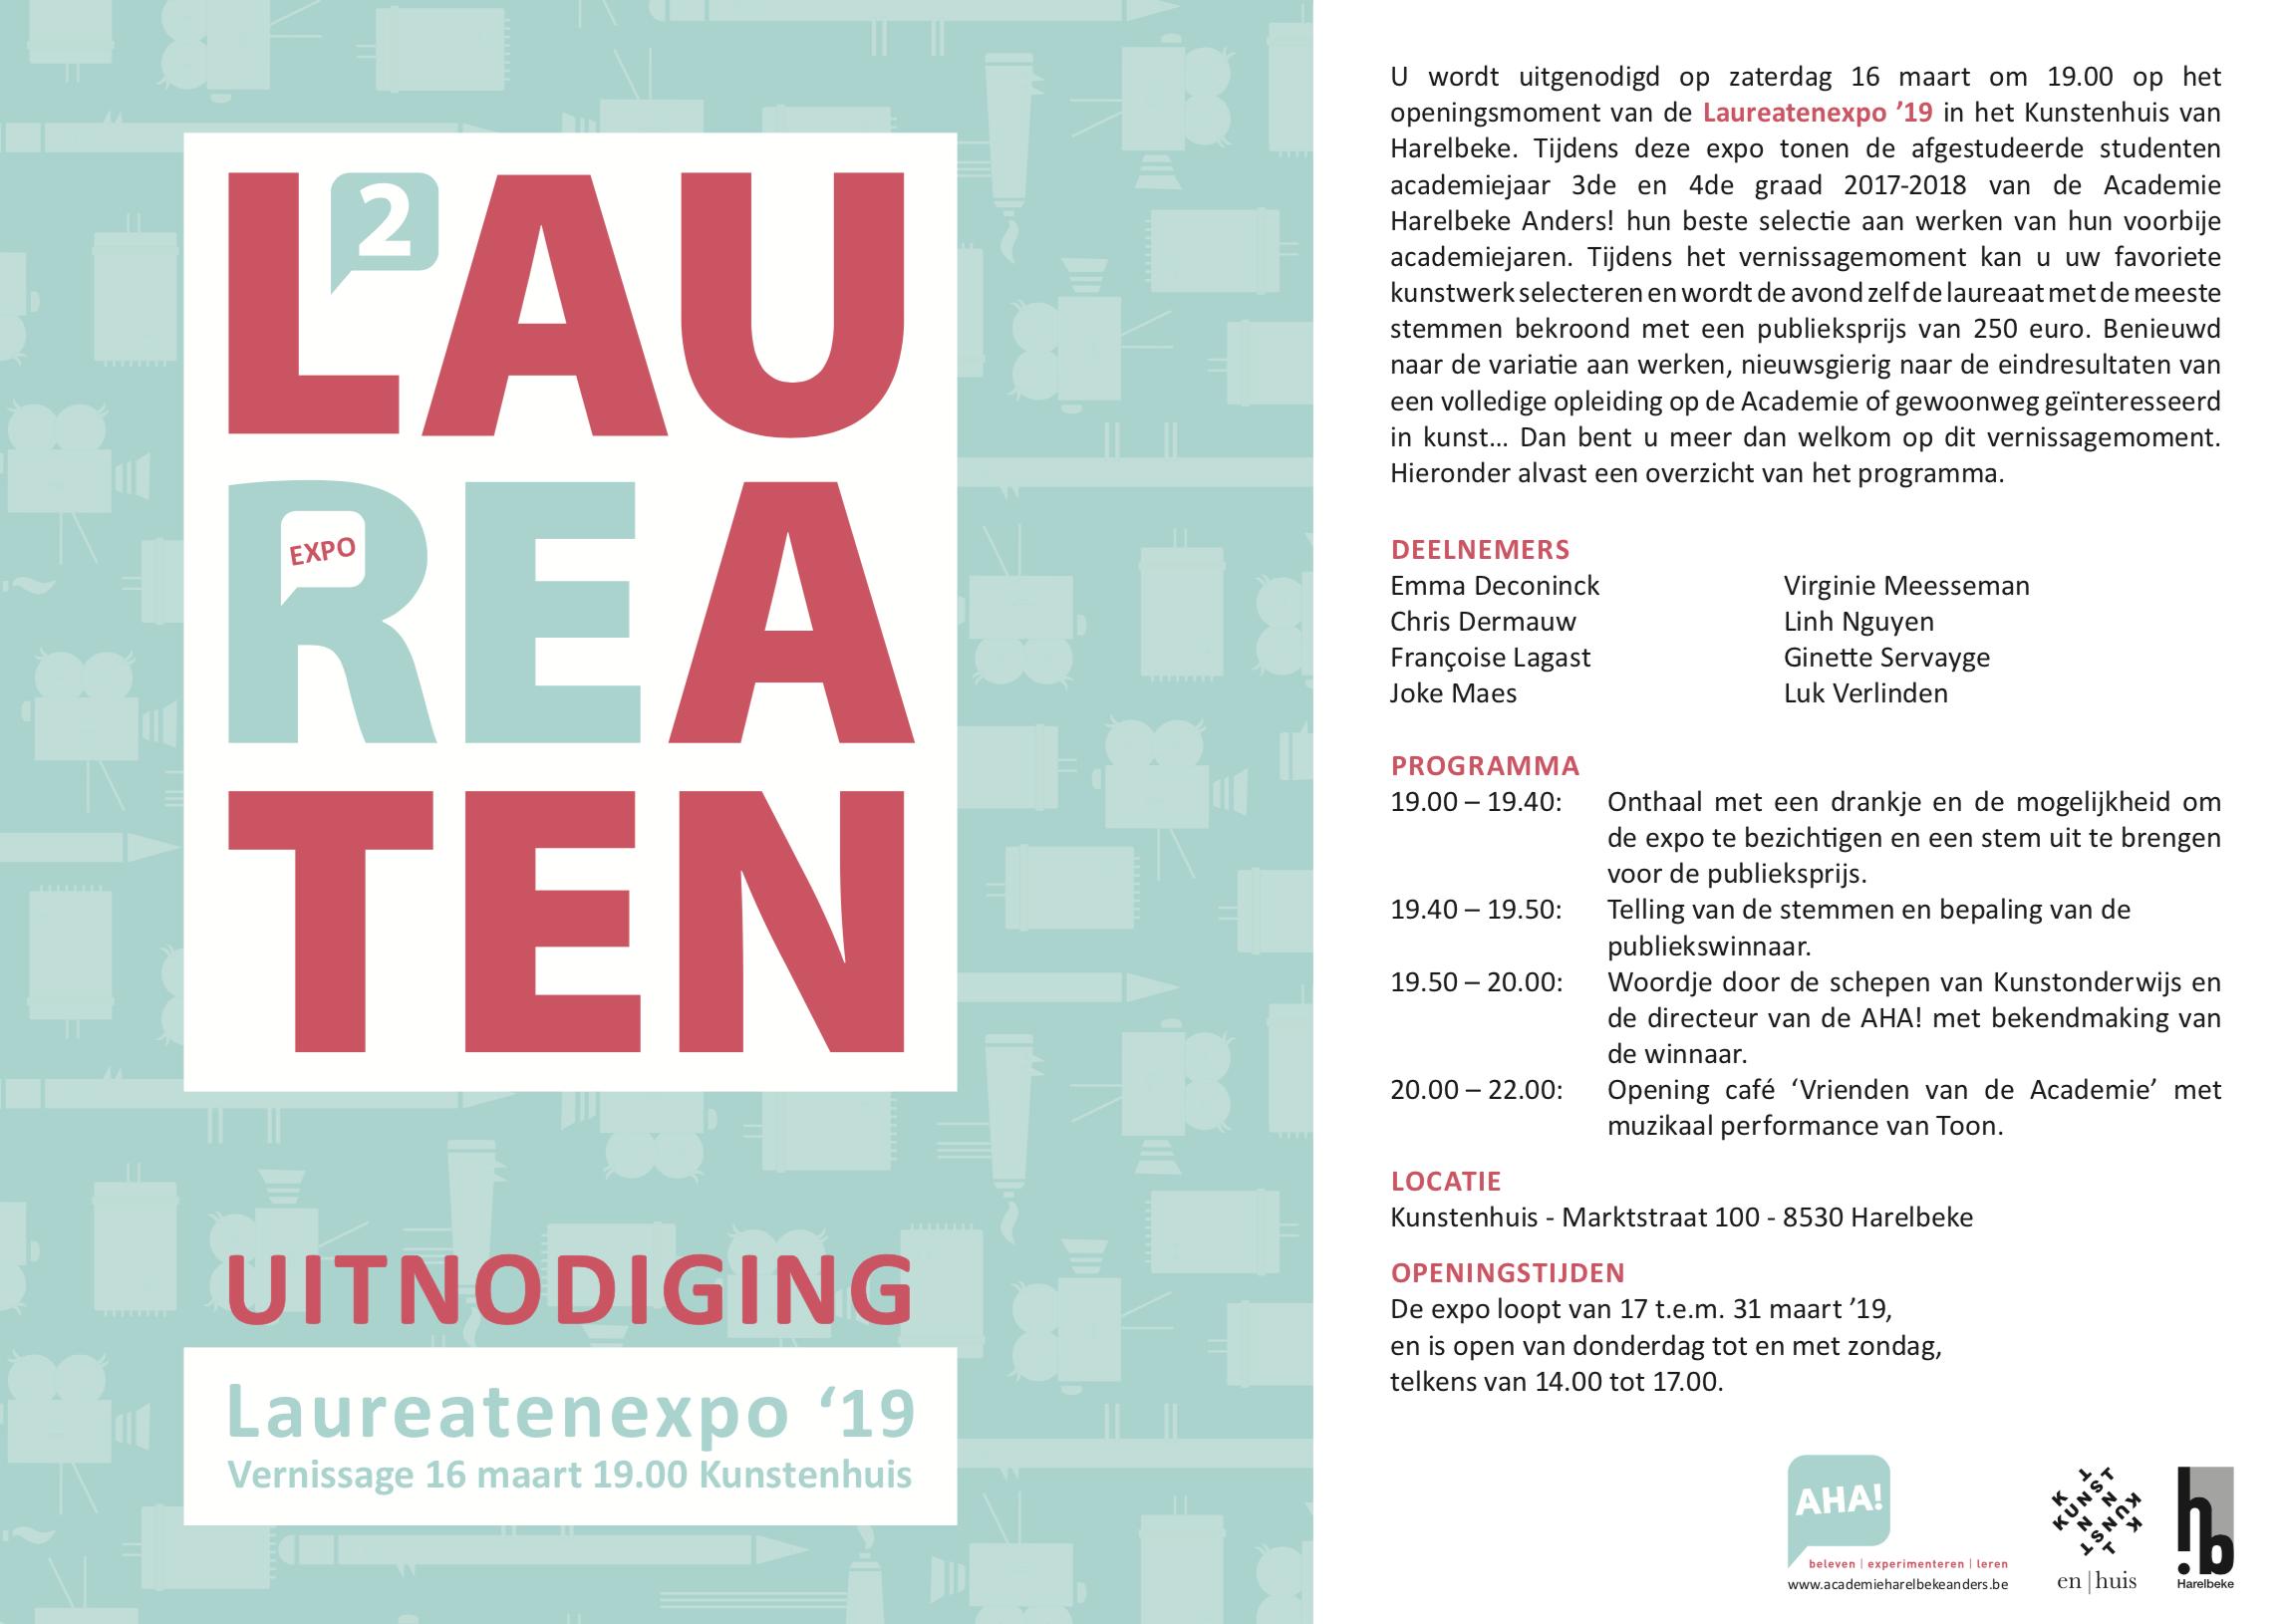 Laureatenconcert Harelbeke 2019 - uitnodiging